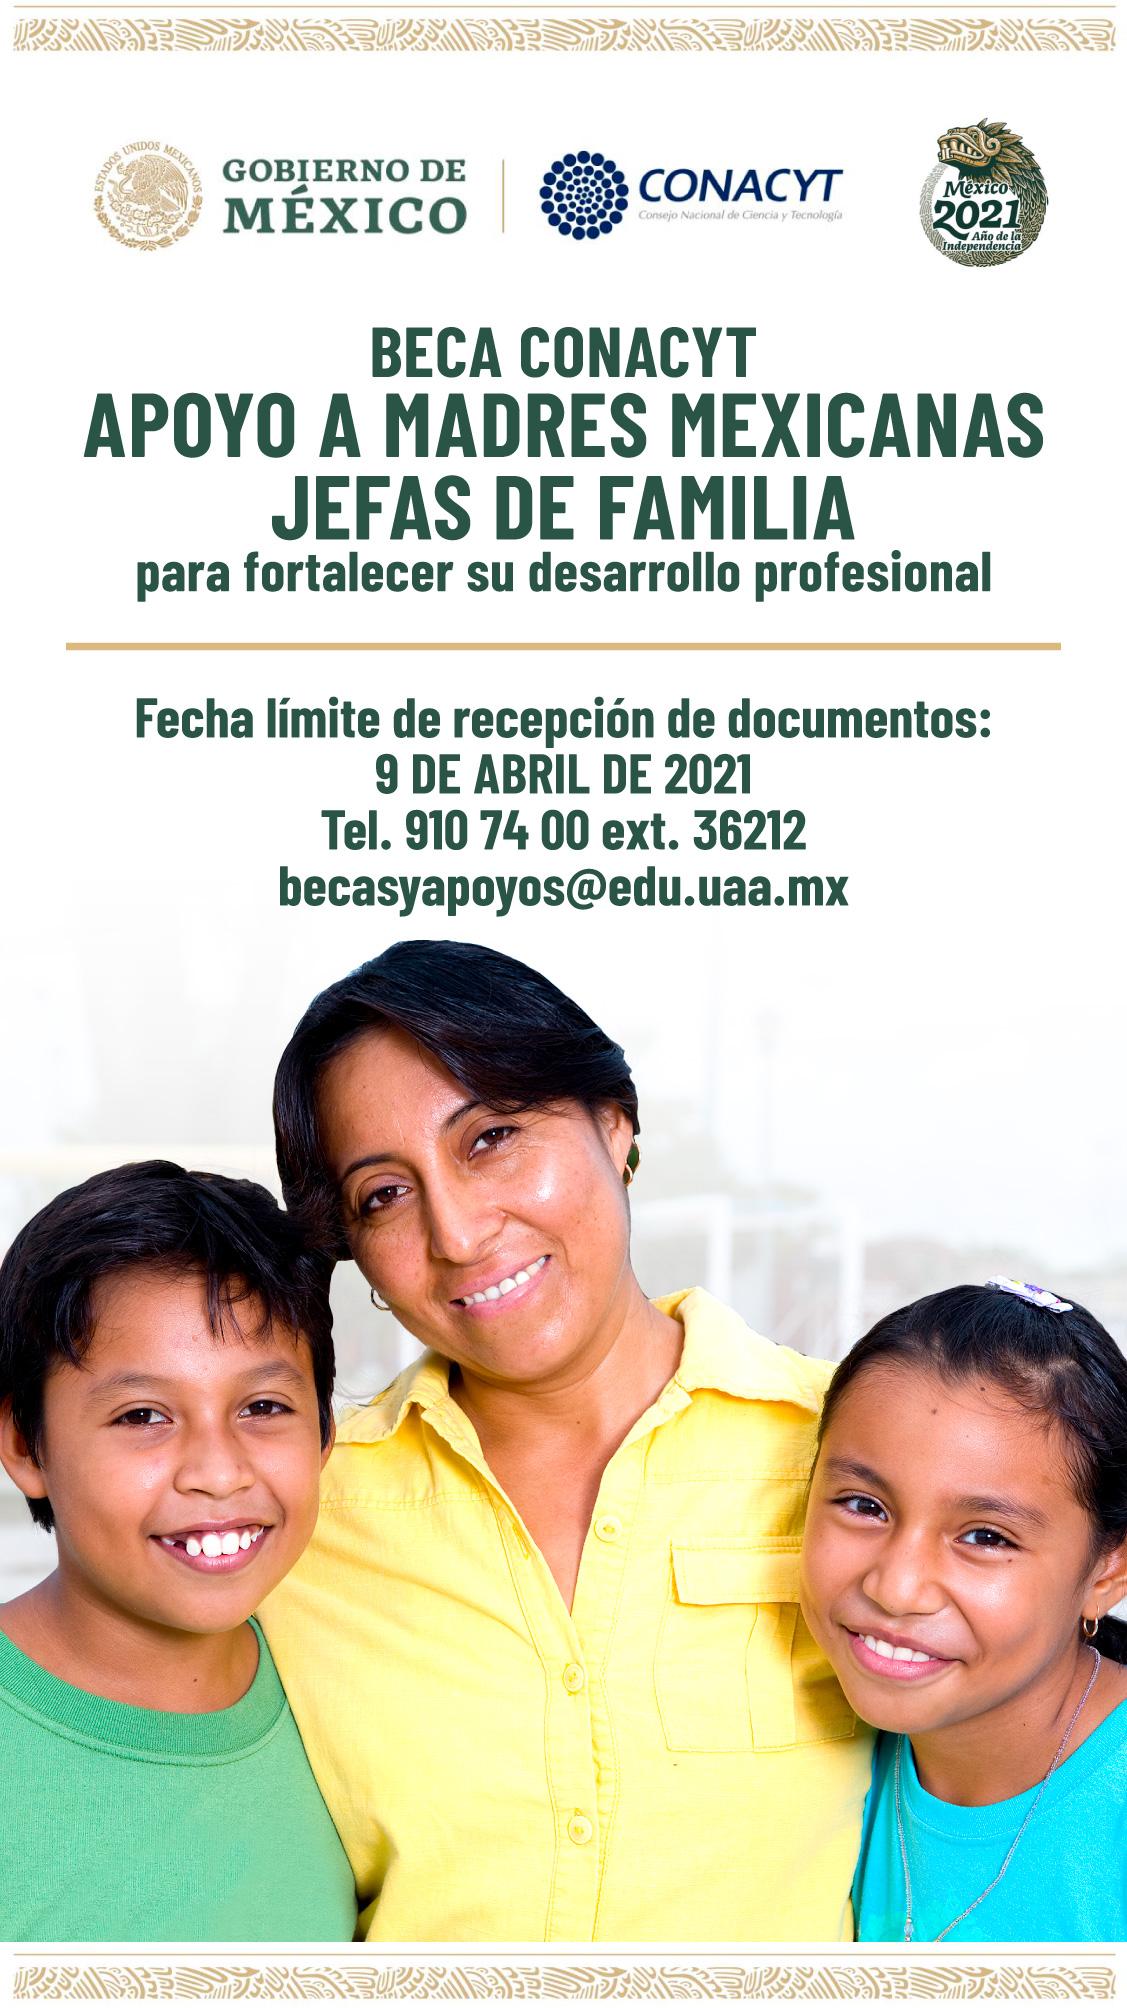 Beca Conacyt – Apoyo a Madres Mexicanas Jefas de Familia